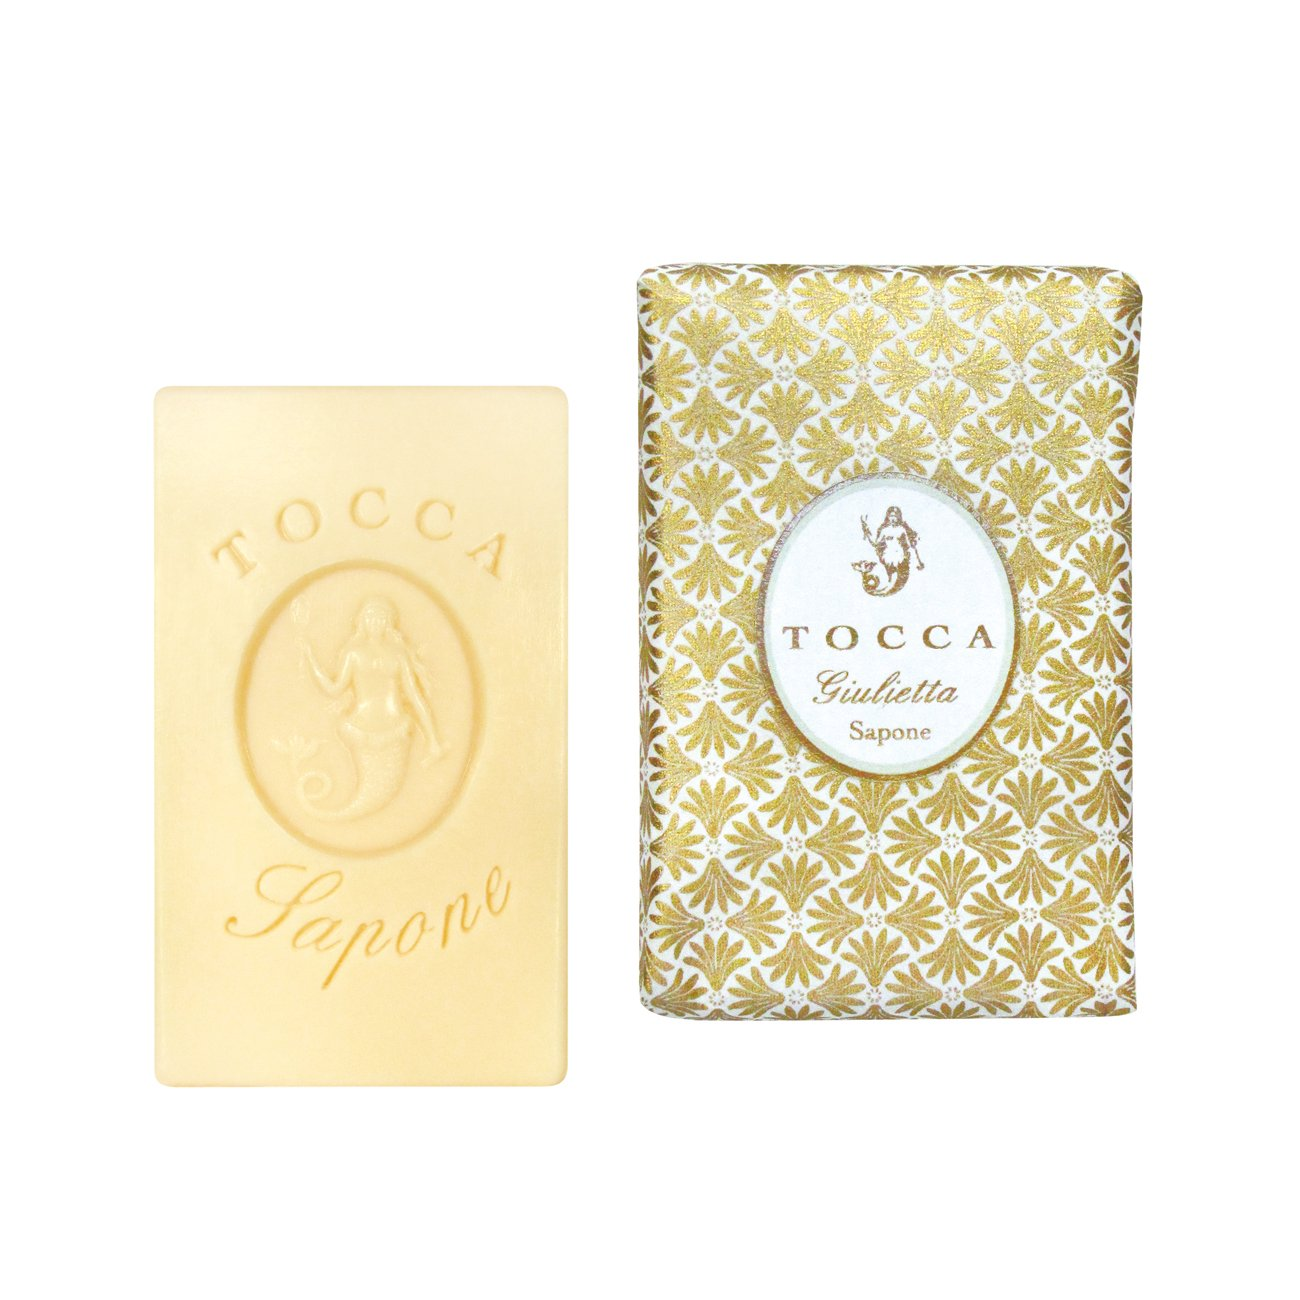 【TOCCA】ソープバー ジュリエッタの香り 113g